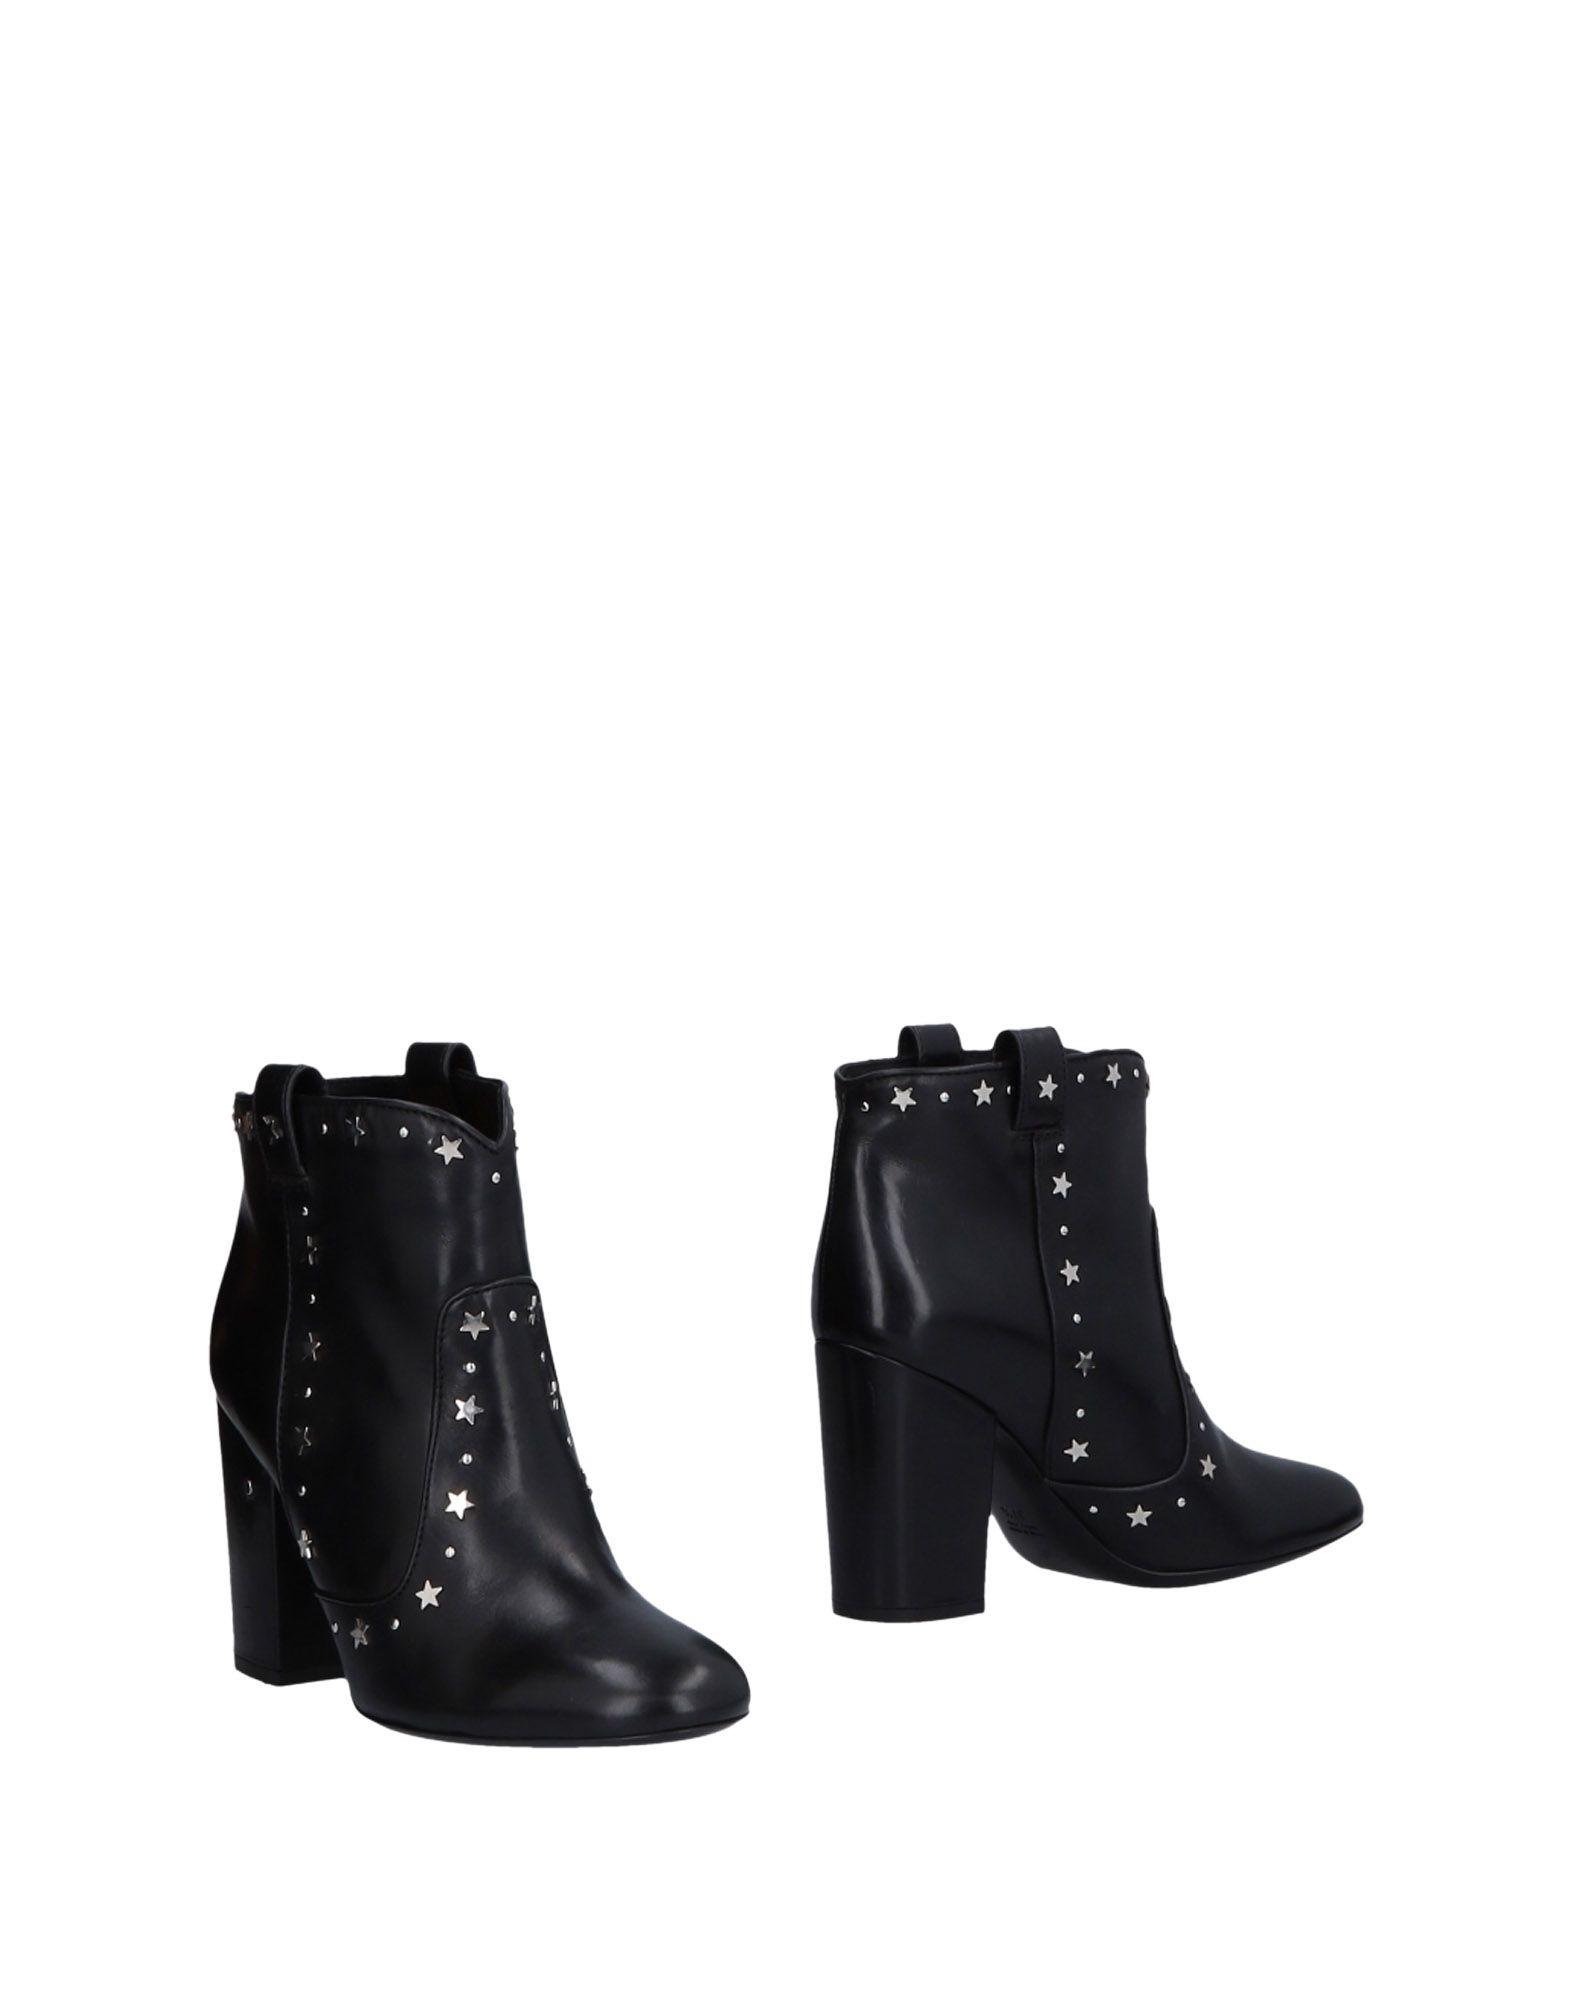 Laurence Dacade Stiefelette Damen Schuhe  11475758QEGünstige gut aussehende Schuhe Damen 12b8f5